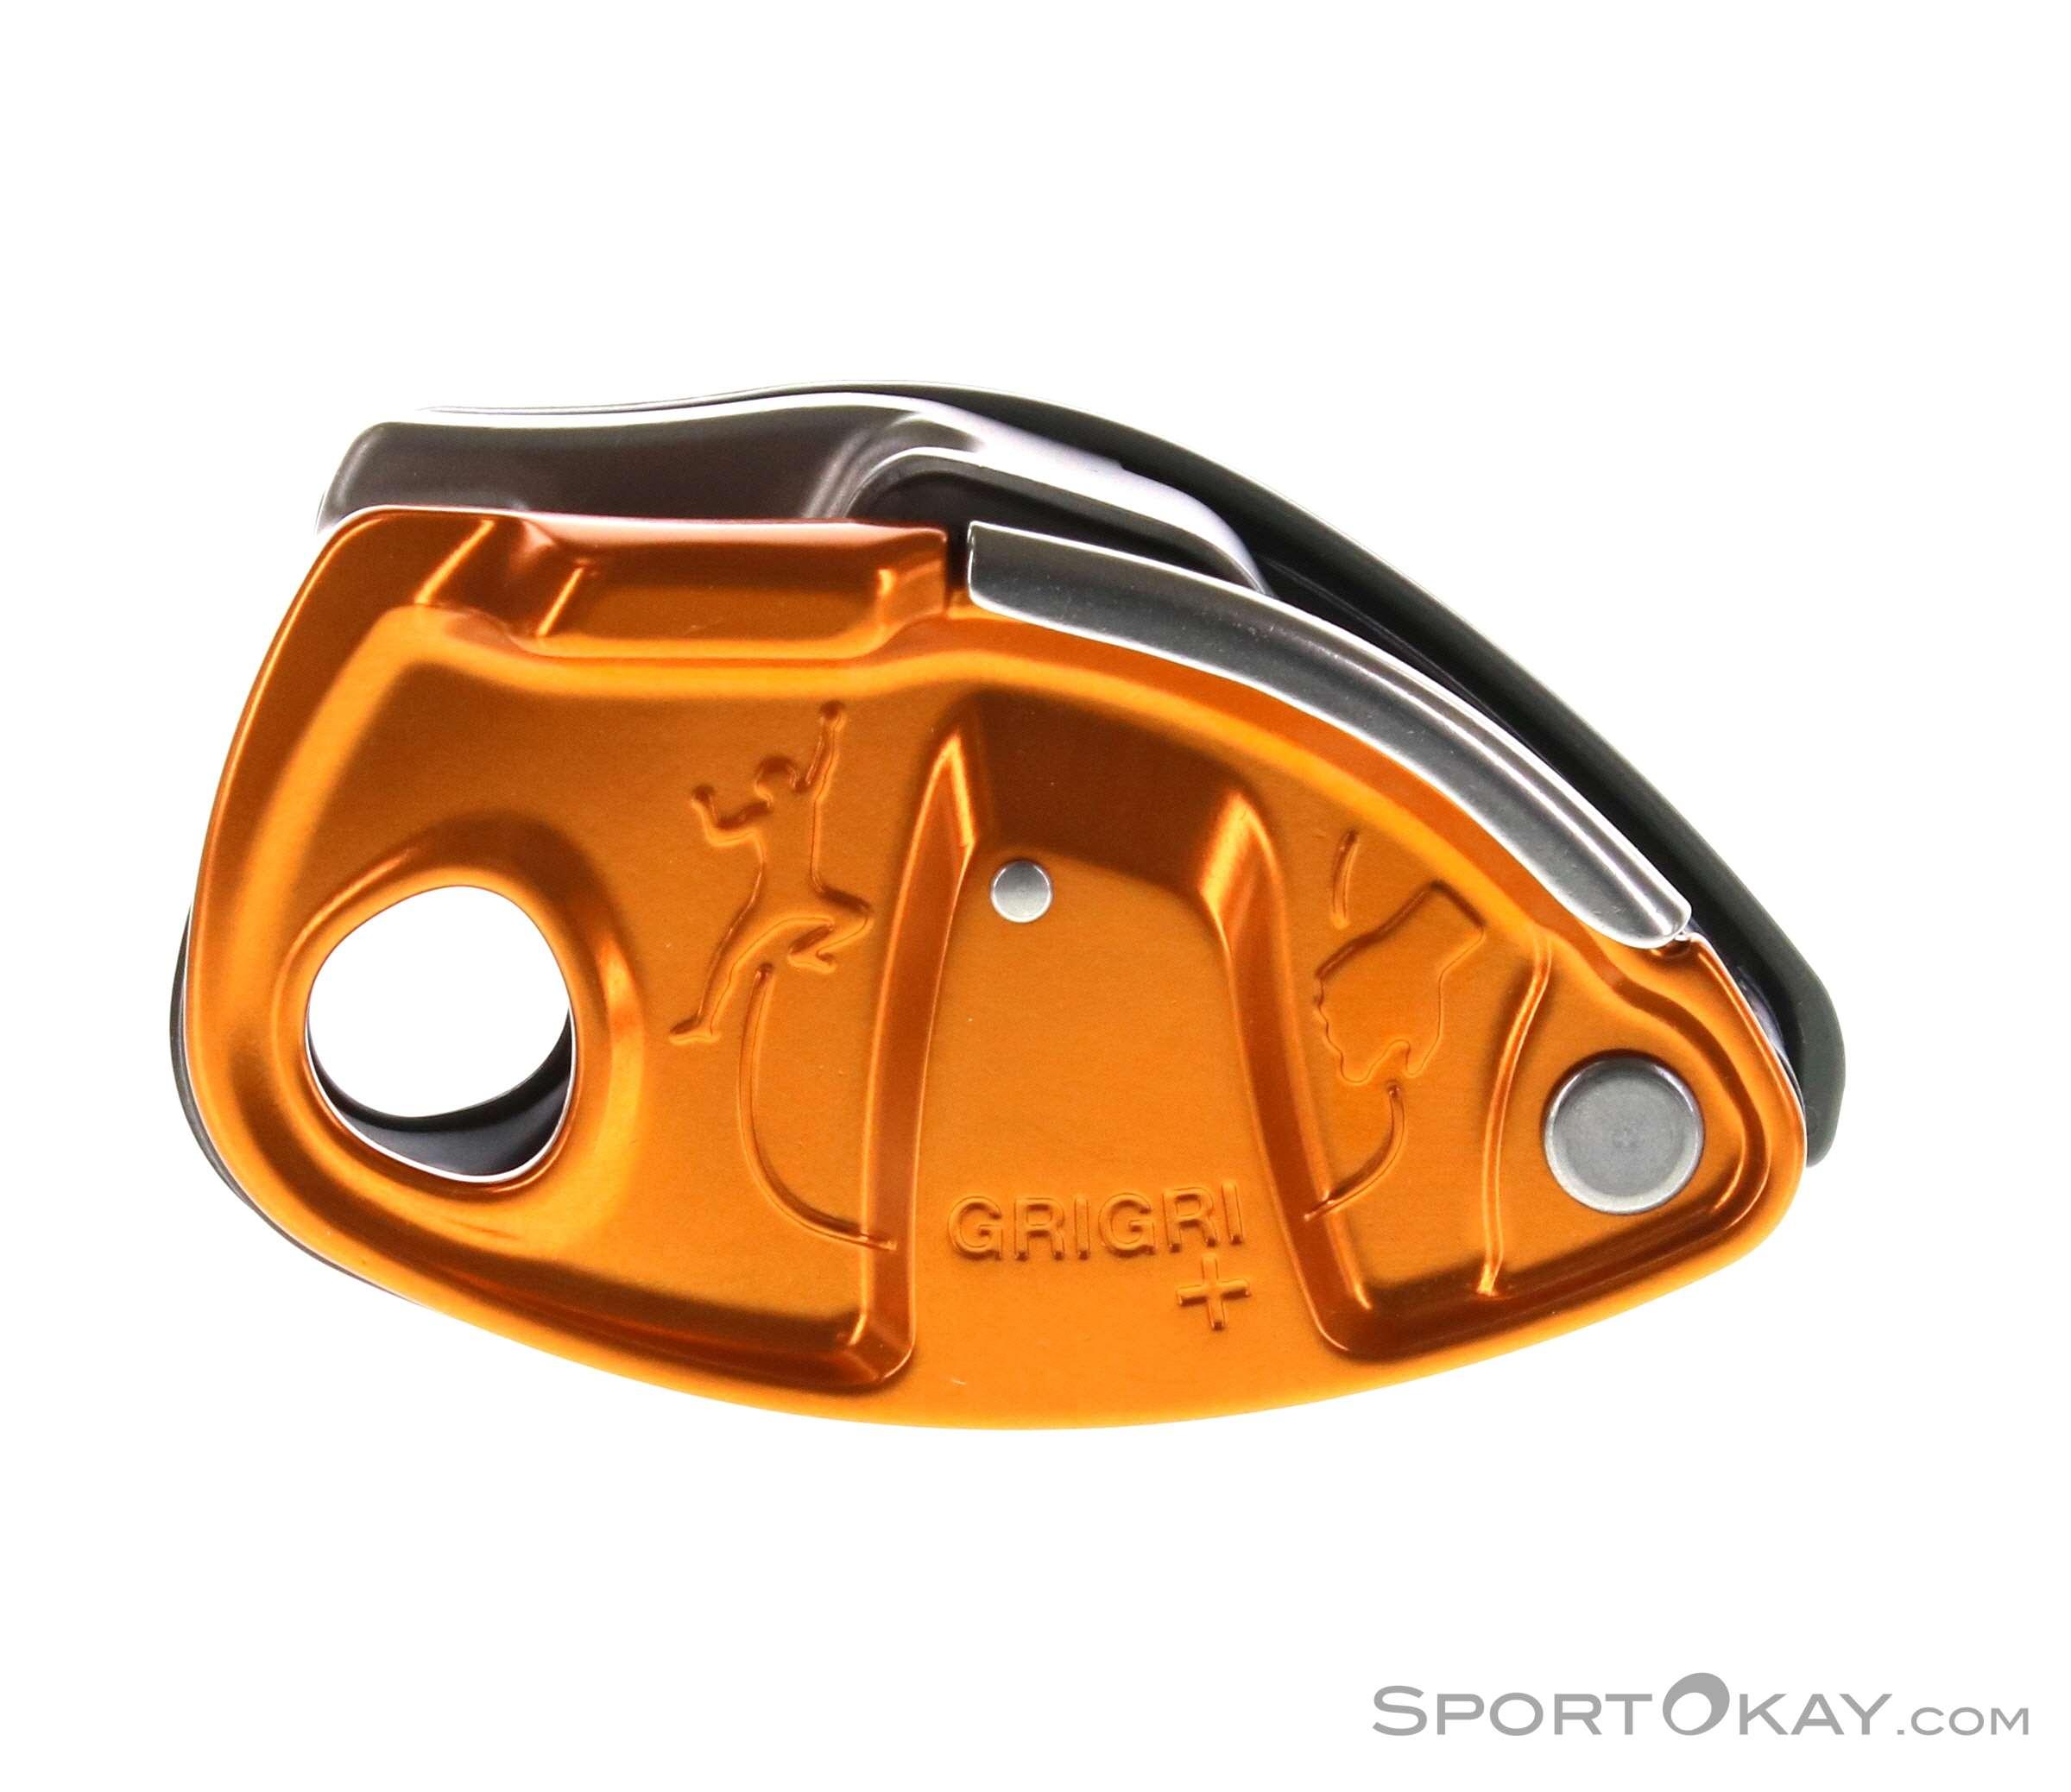 Petzl Grigri + Plus Sicherungsgerät, Petzl, Orange, , , 0074-10241, 5637544375, 3342540106543, N1-01.jpg